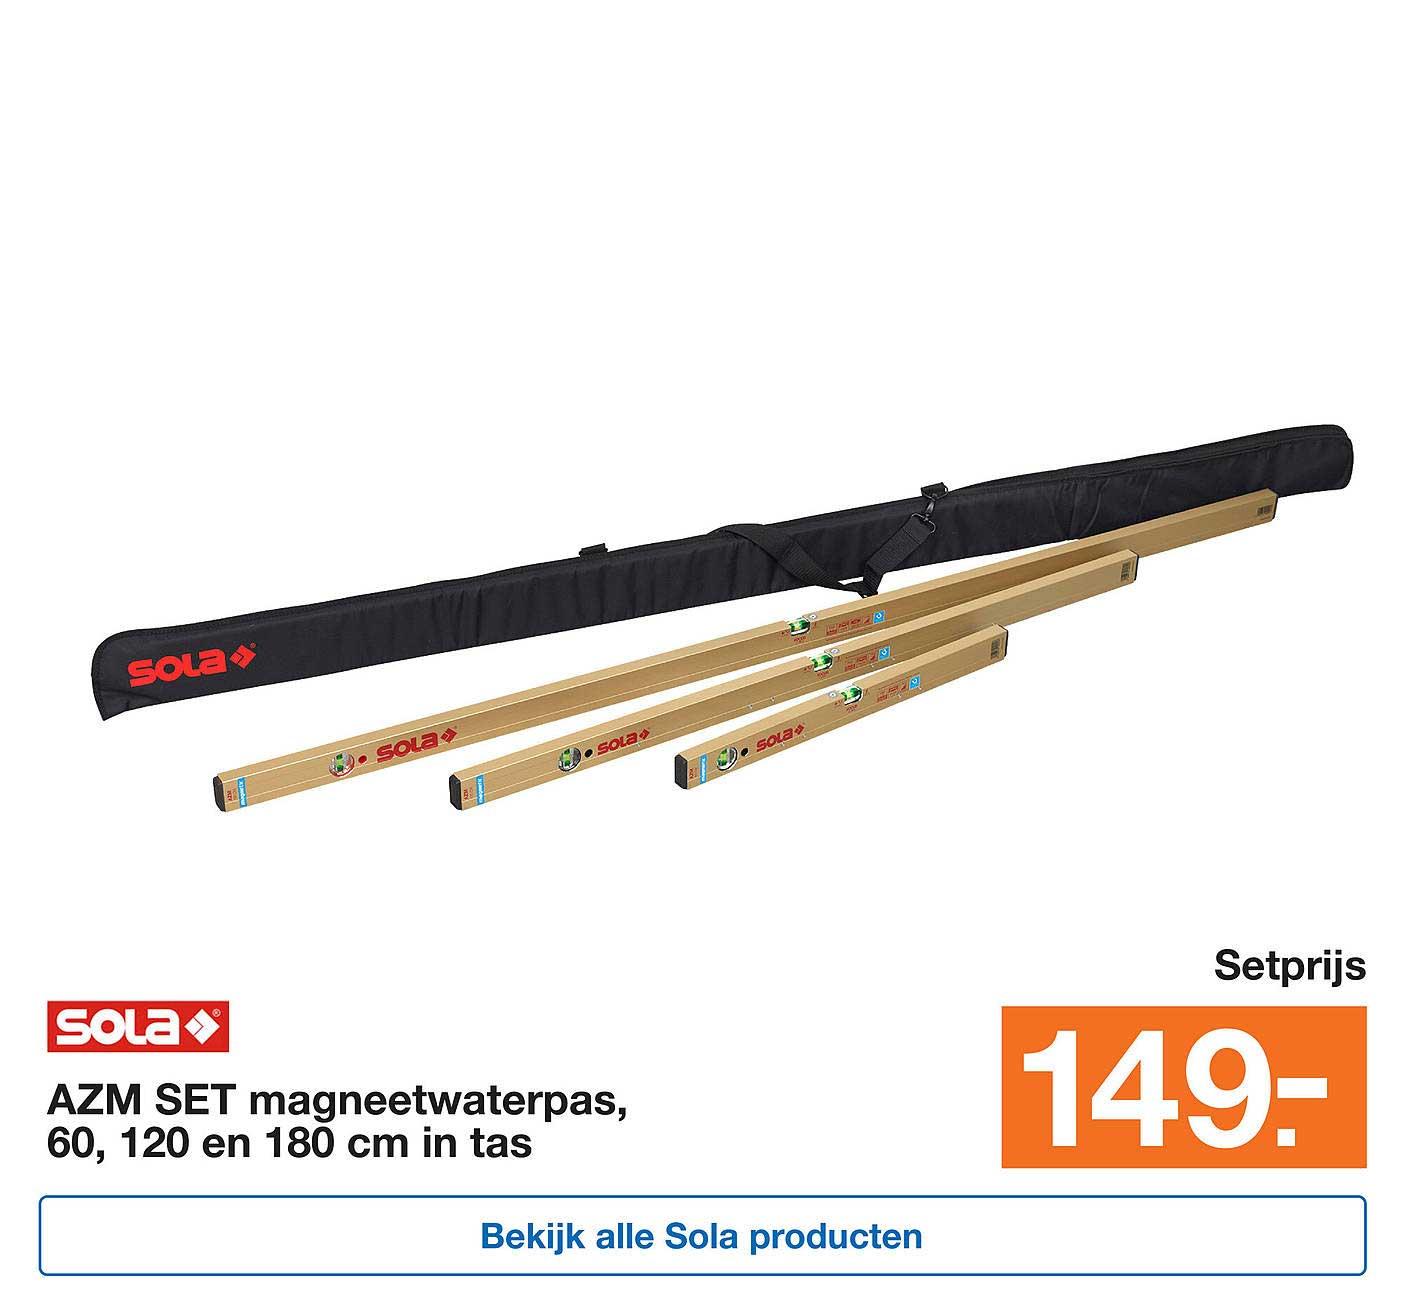 Bouwmaat Sola Azm Set Magneetwaterpas 60 120 En 180cm In Tas